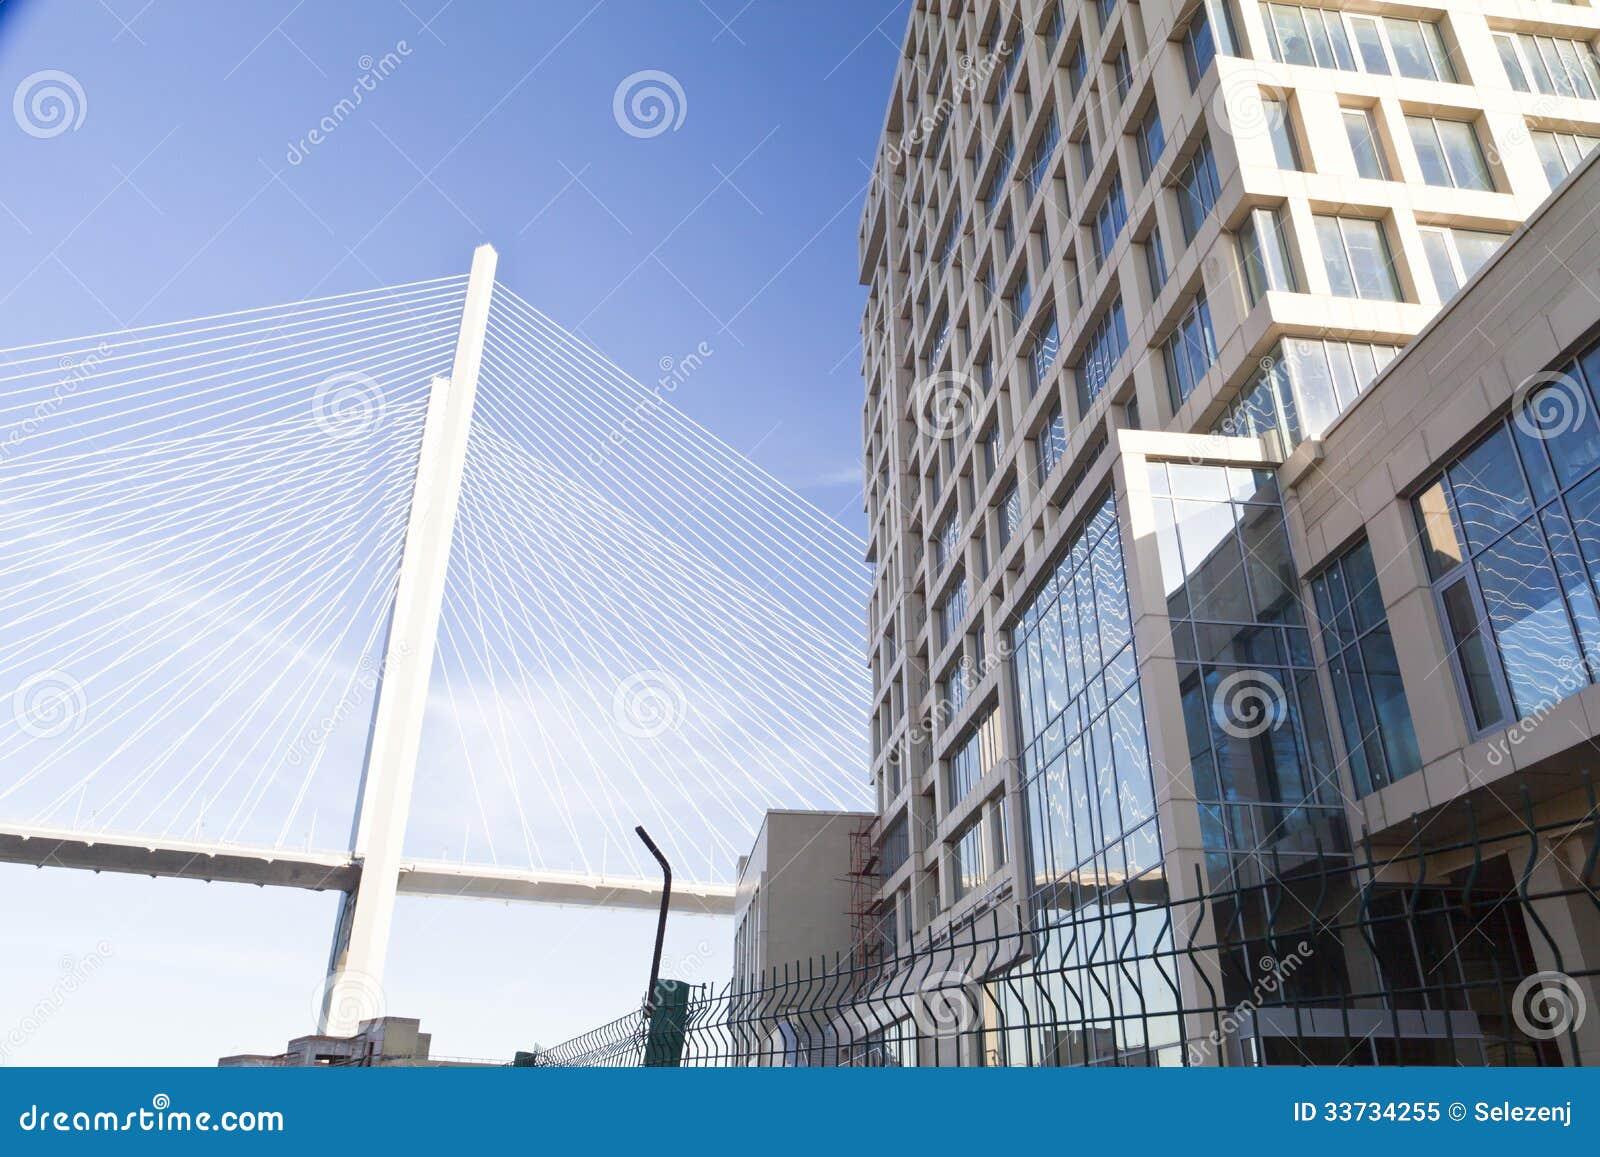 Большой висячий мост